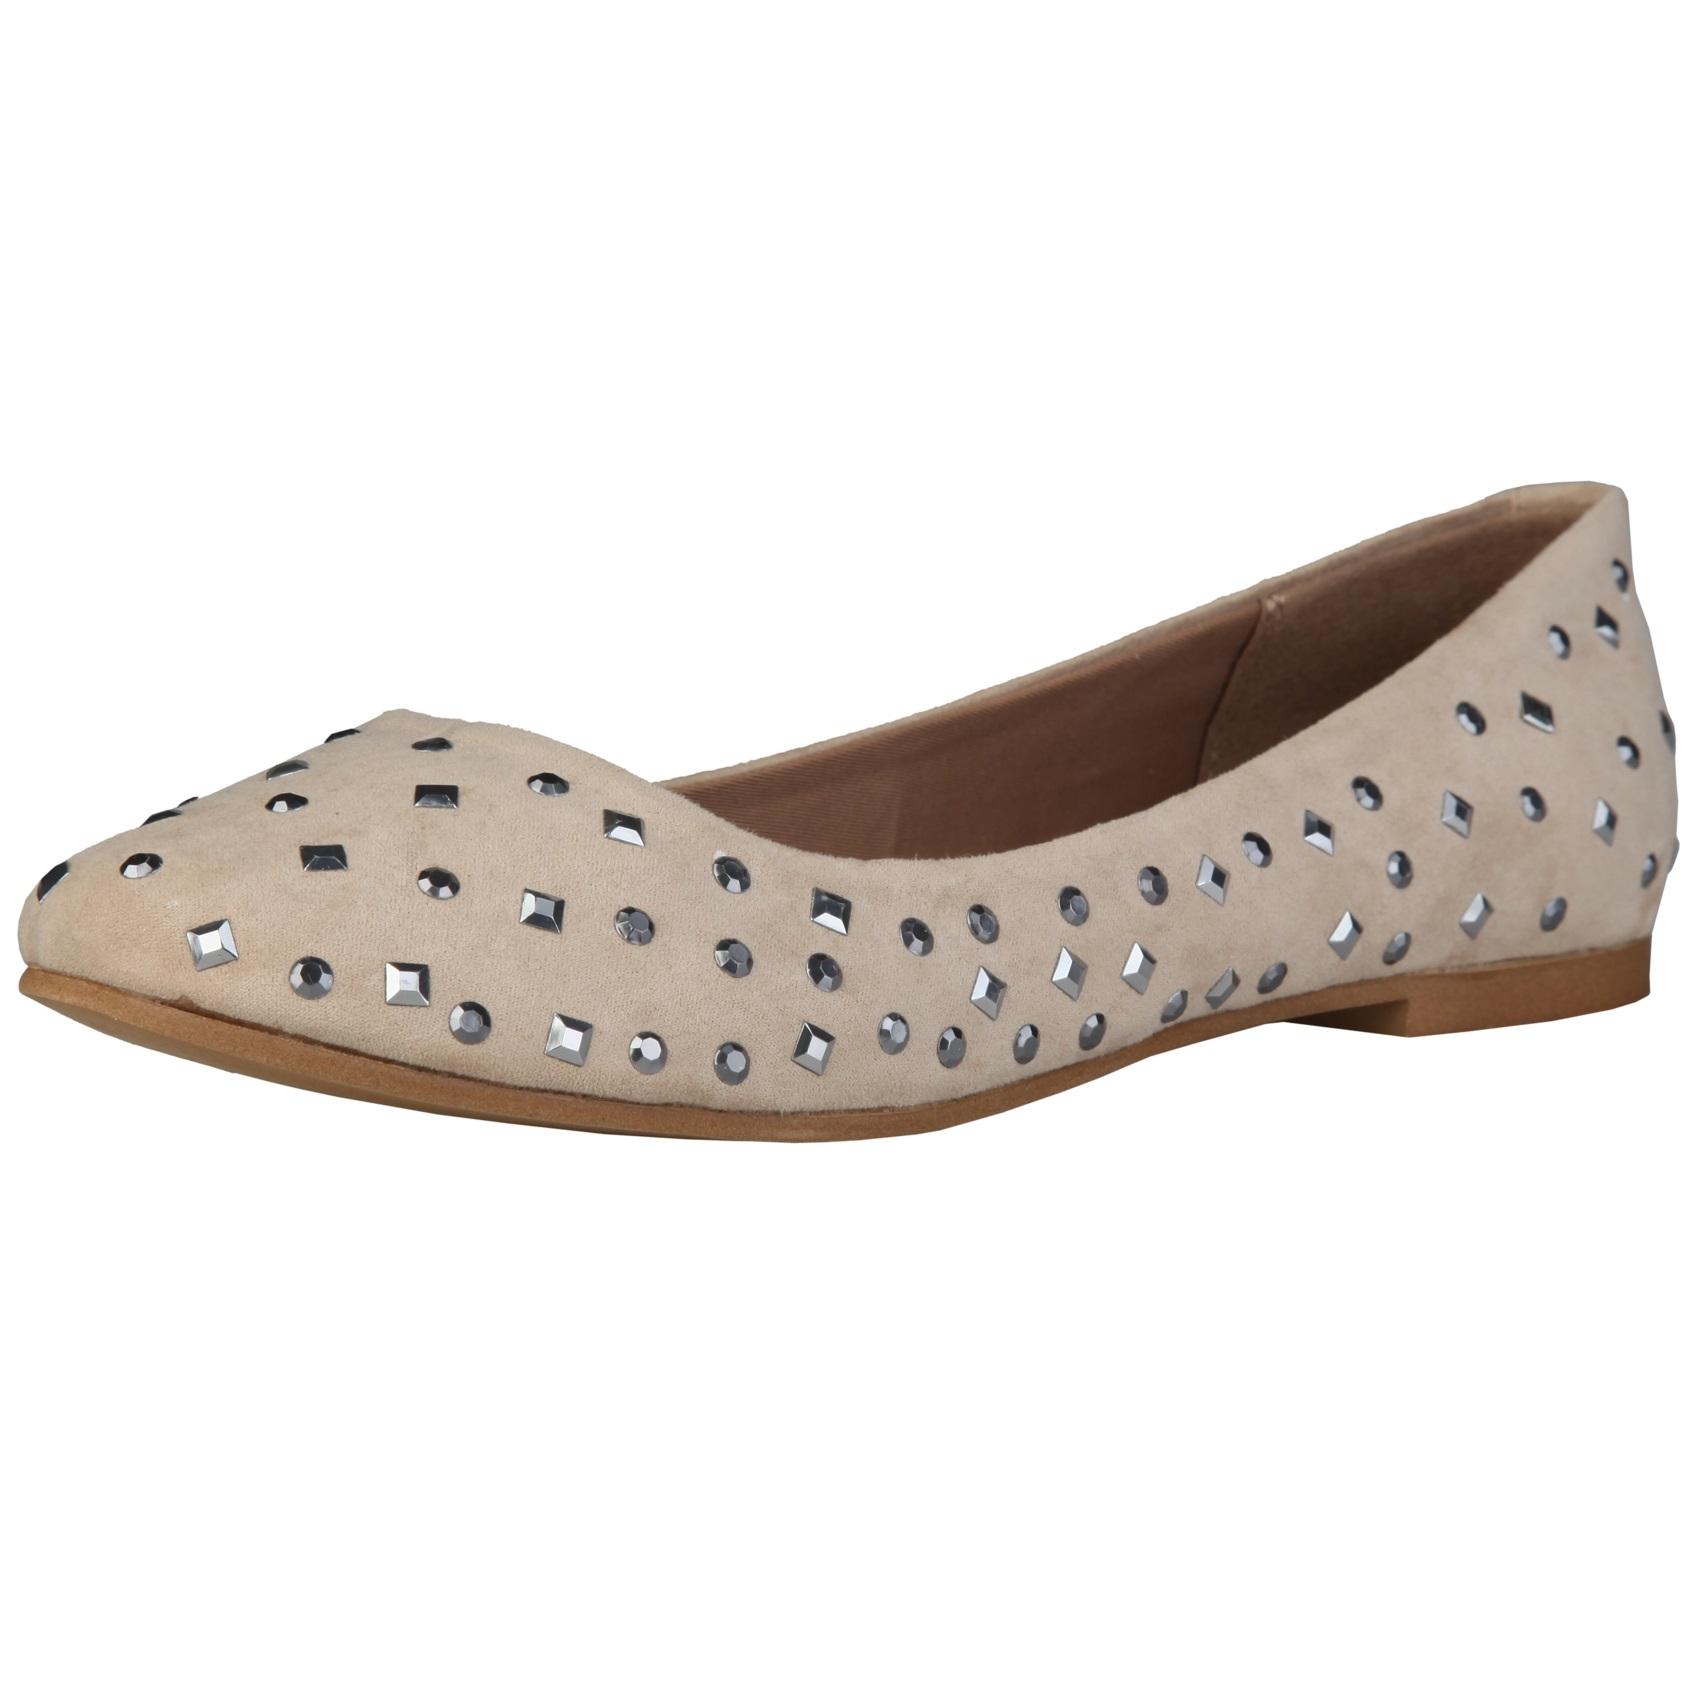 Sofia Loes Flat Shoes Beige Rf600151